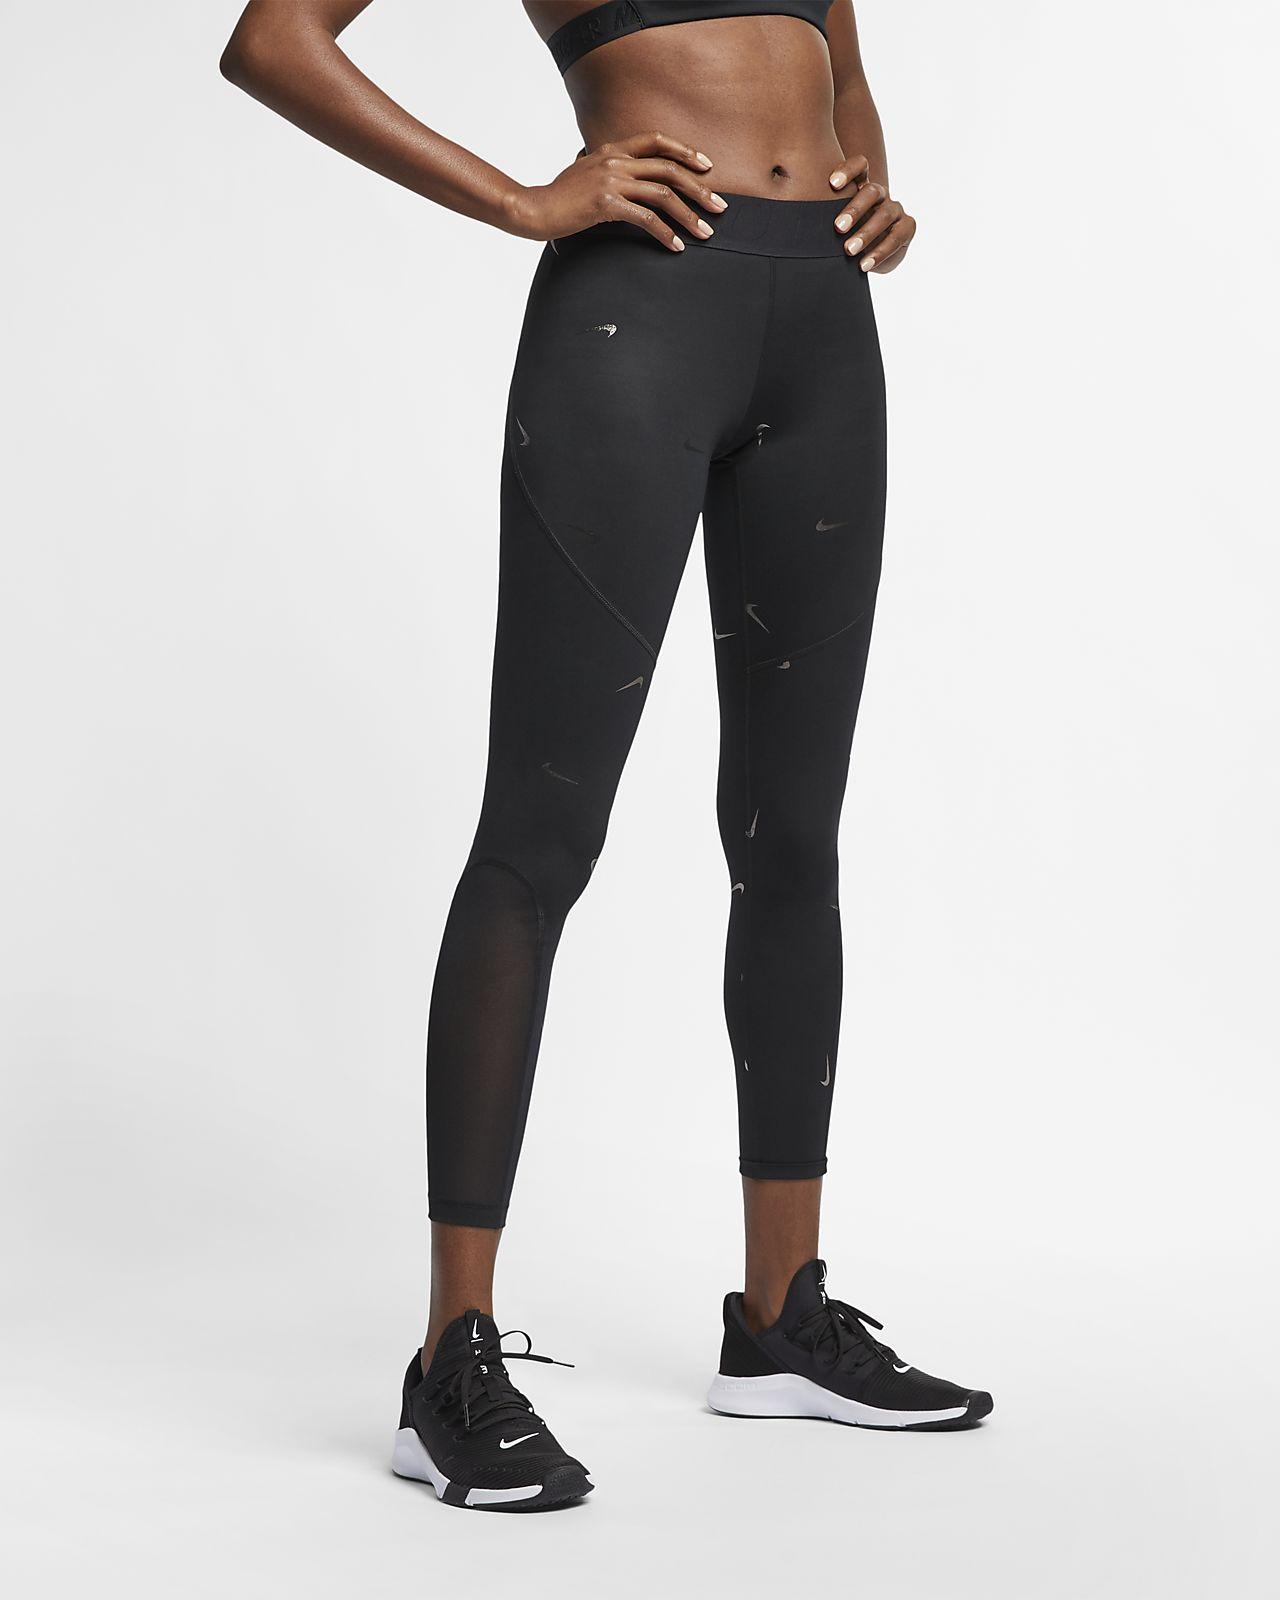 Nike Pro Malles amb estampat metal·litzat - Dona